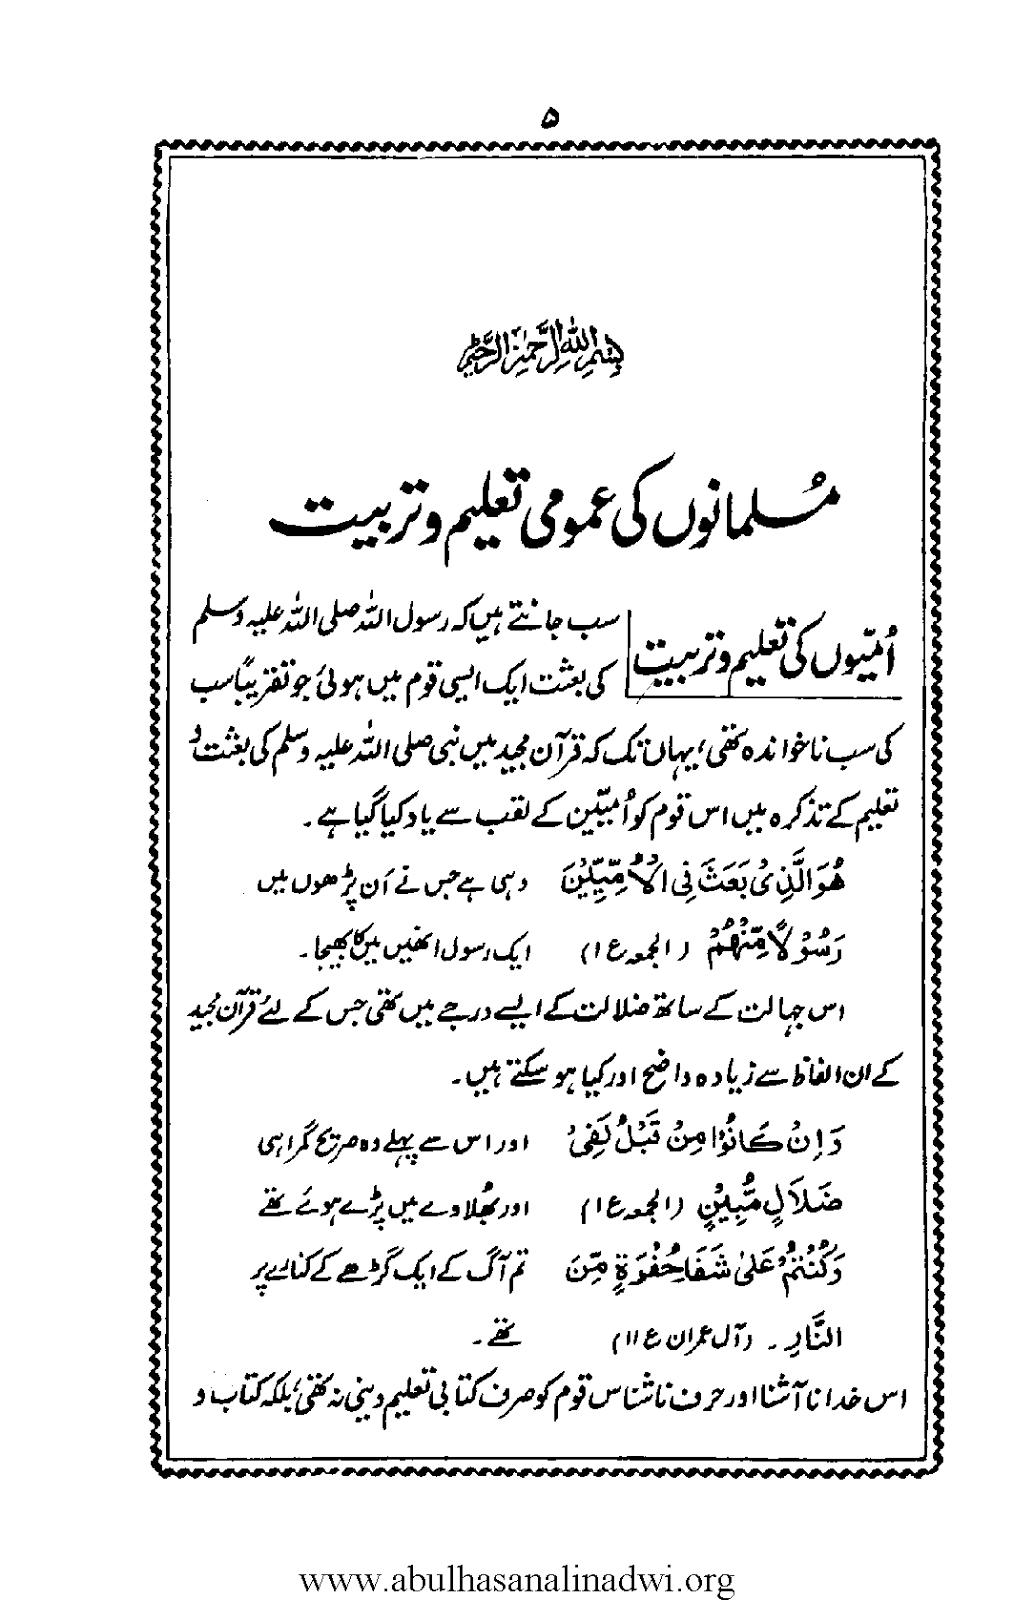 DAWAT O TABLIGH & ISLAH: Syed Abul Hasan Ali Hasani Nadvi